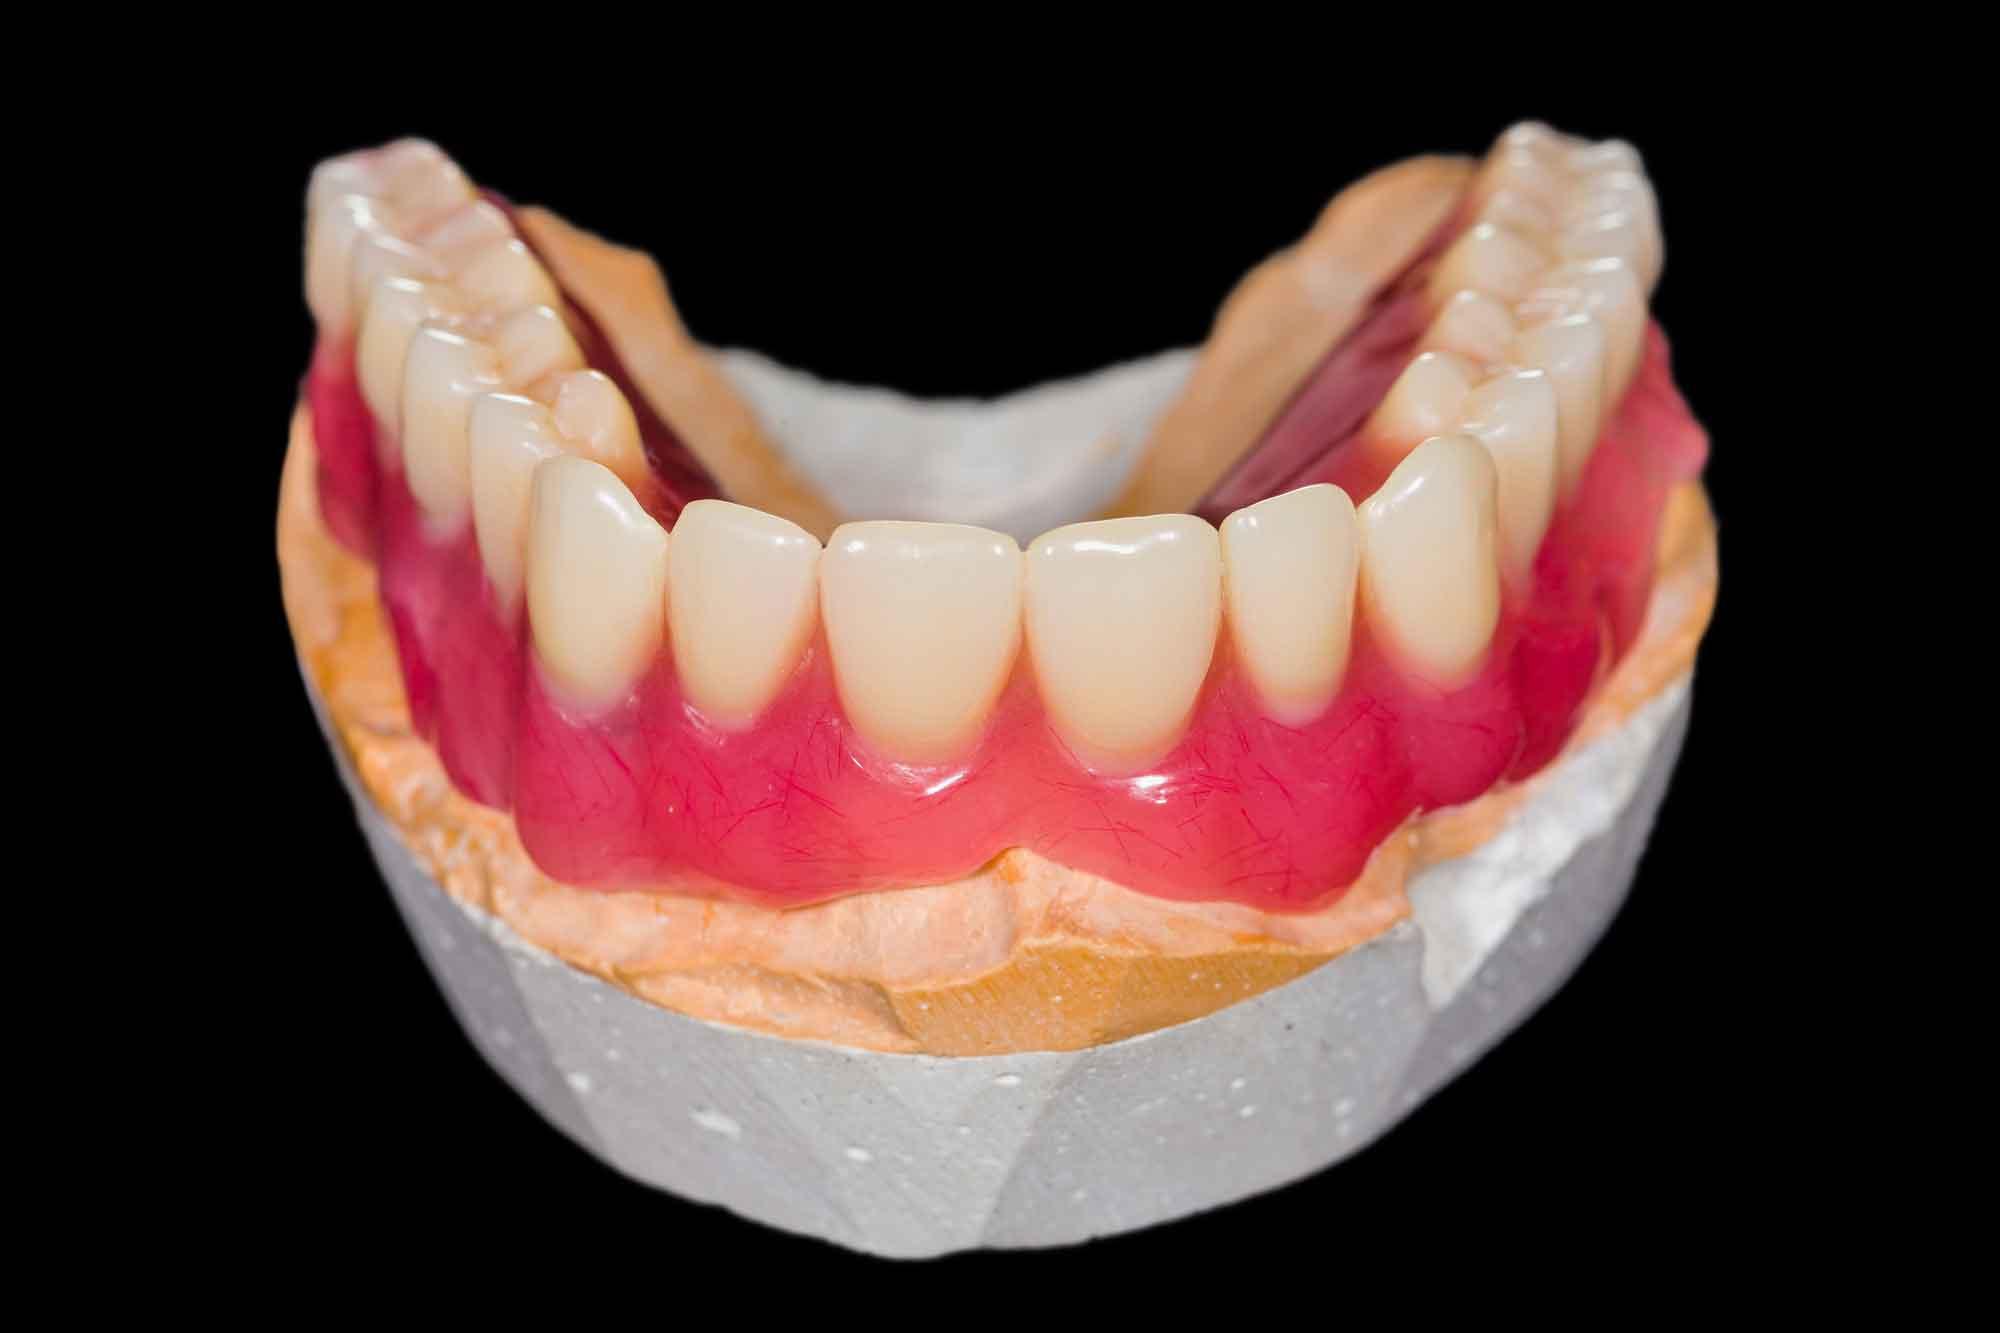 Методы фиксации съемного зубного протеза 1